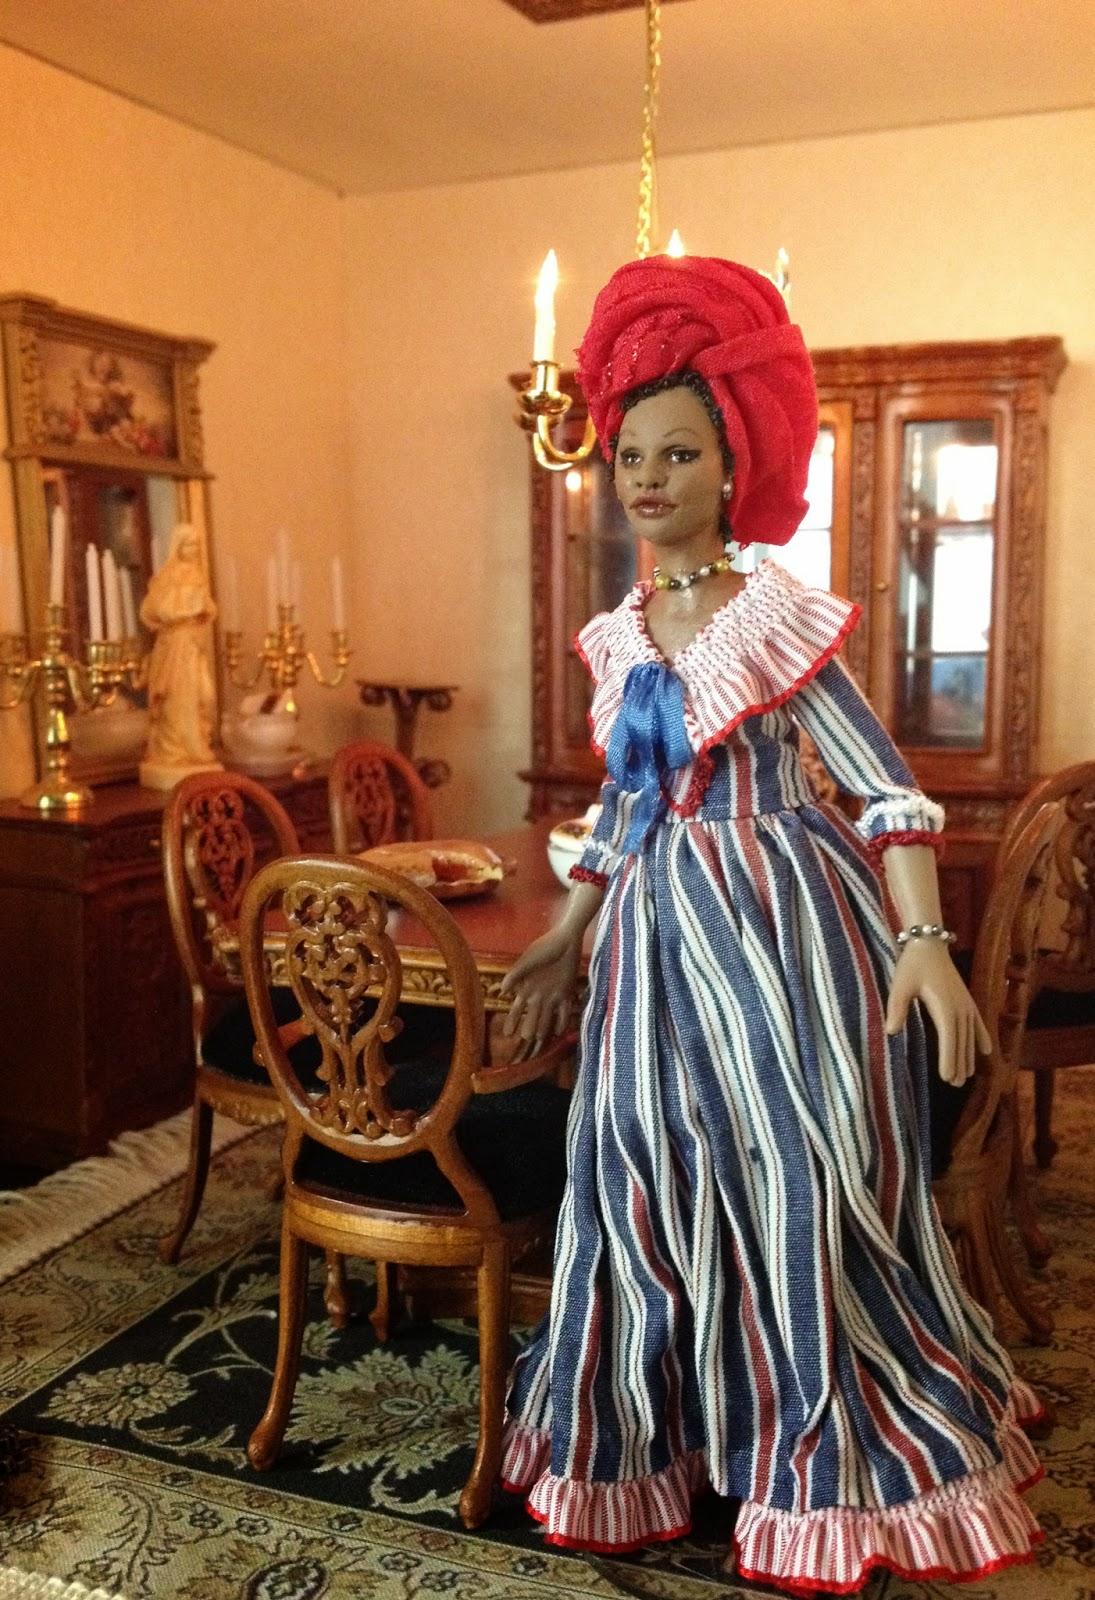 jocelyn s mountfield dollhouse marie laveau the voodoo marie laveau lyrics marie beatrice levaux